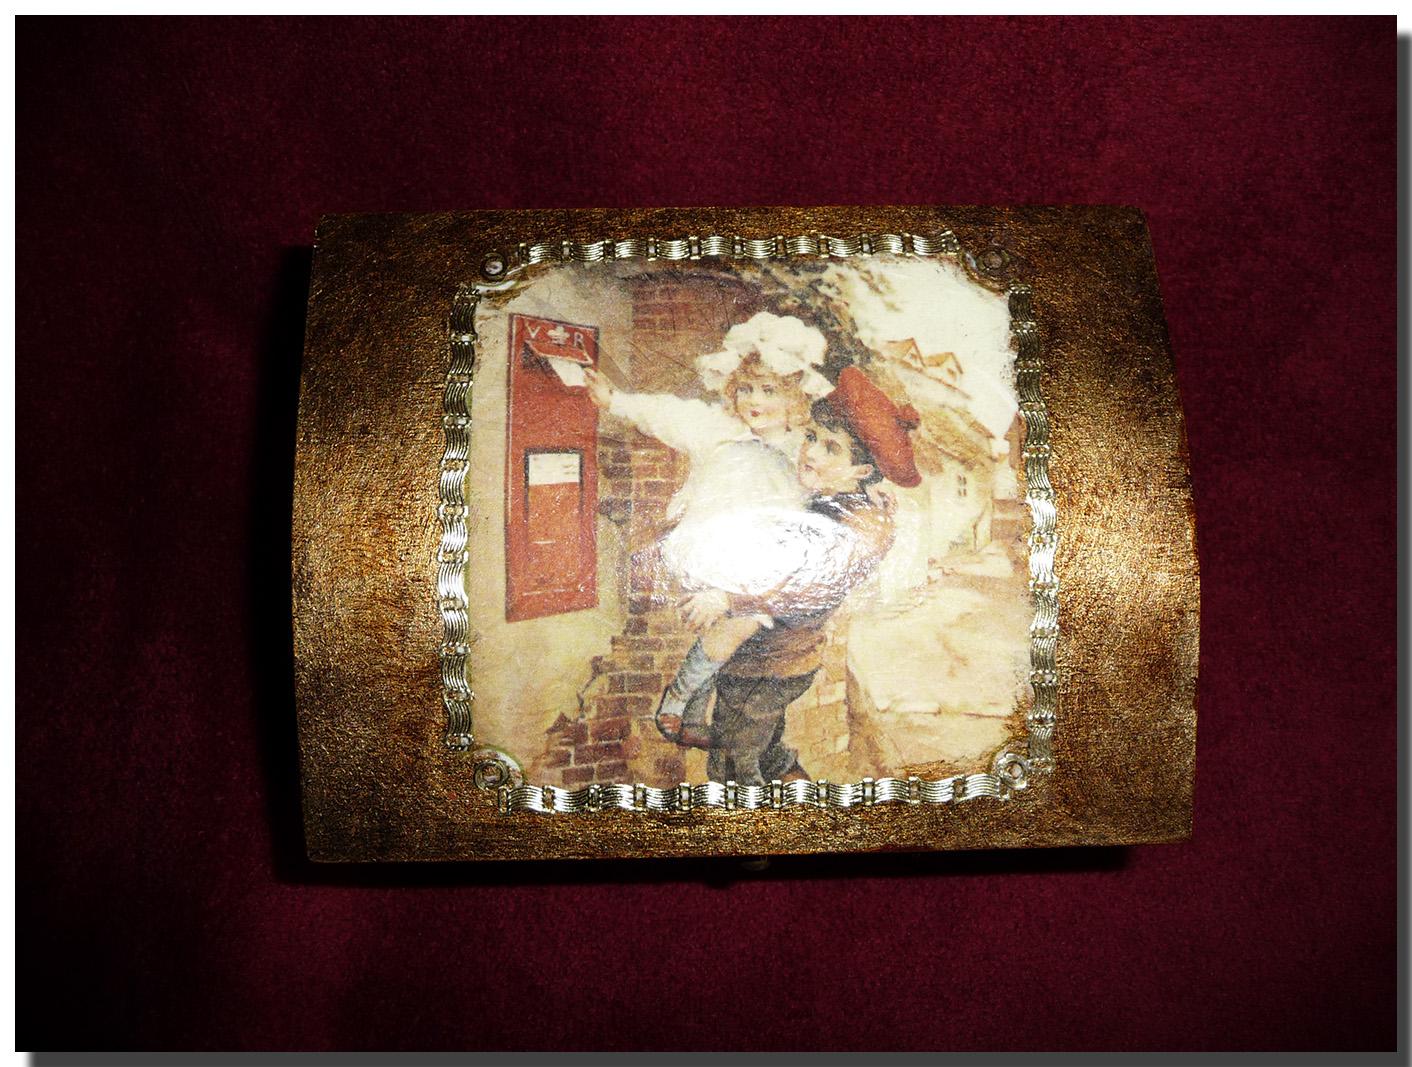 Las manualidades de blanca cajas de madera - Cajas de madera manualidades ...